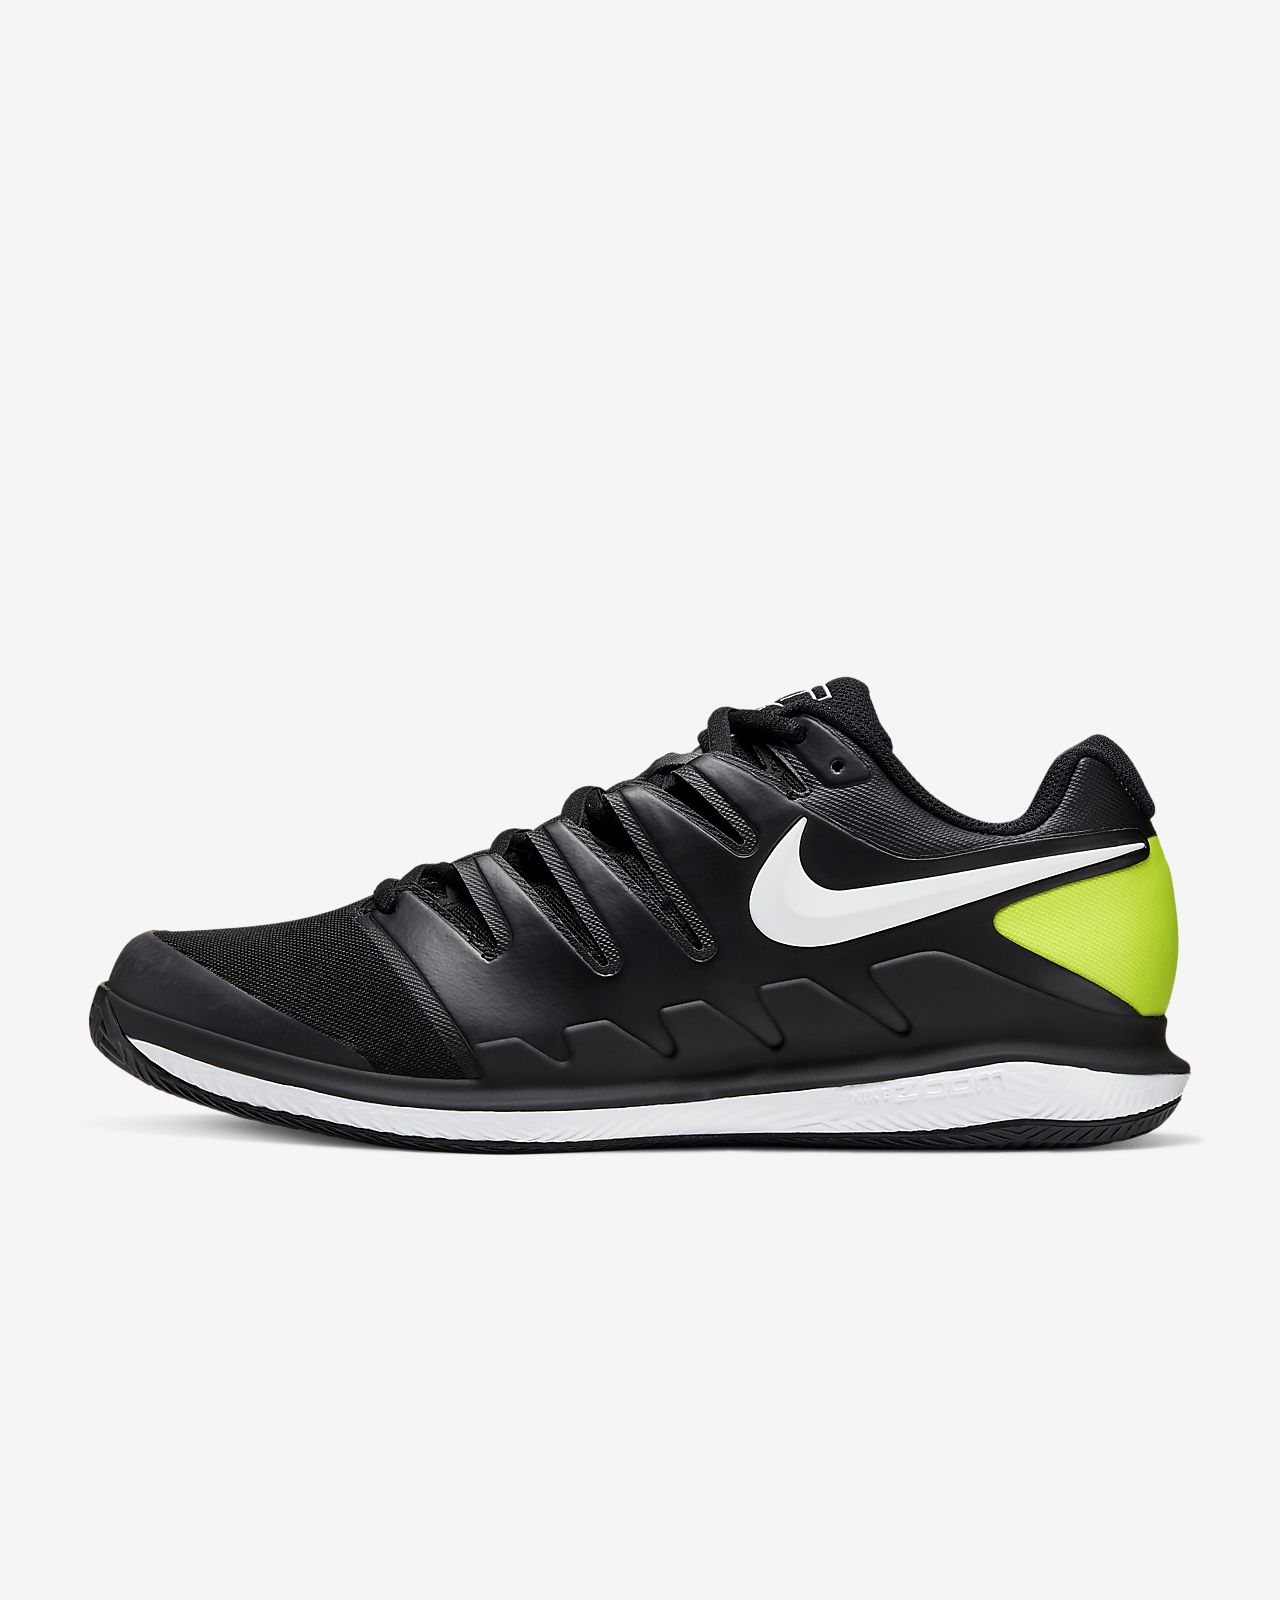 Sapatilhas de ténis para terra batida NikeCourt Air Zoom Vapor X para homem